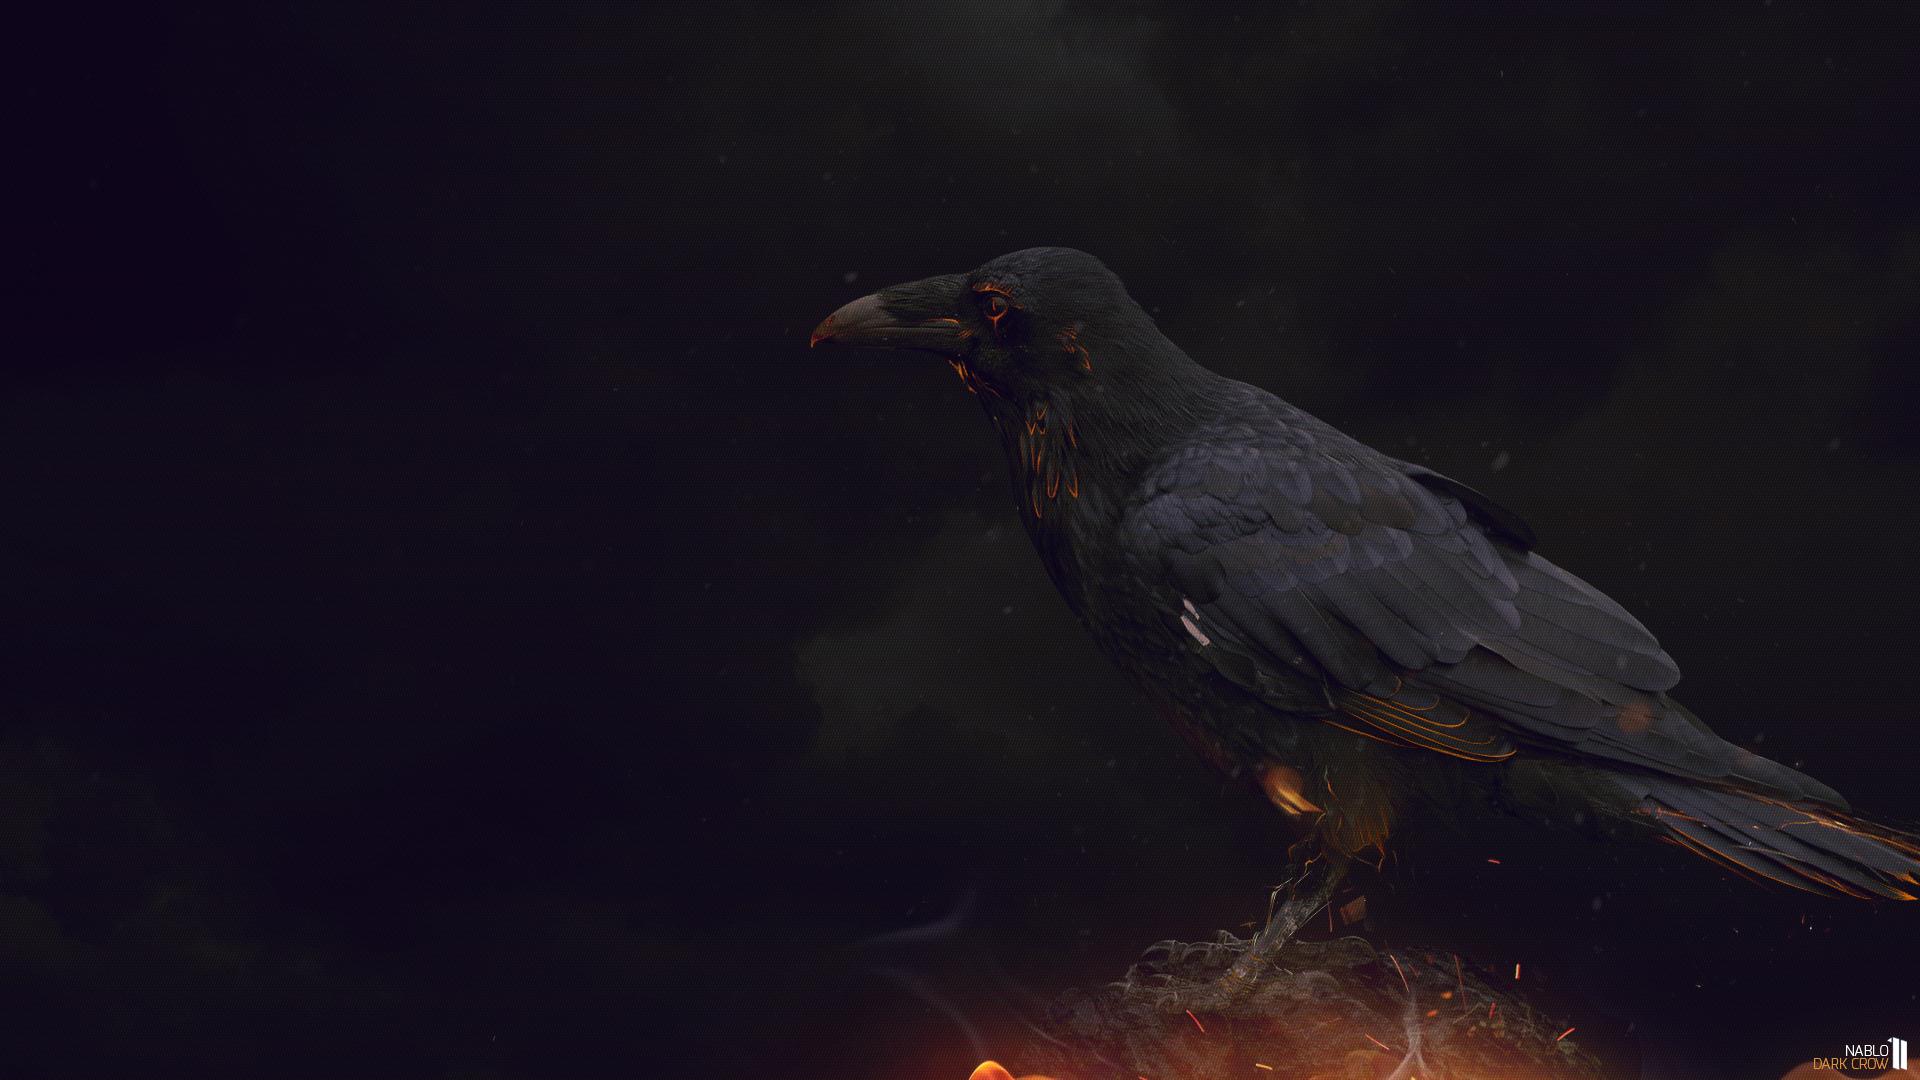 Wallpaper Dark Crow by Nablo92 Wallpaper Dark Crow by Nablo92